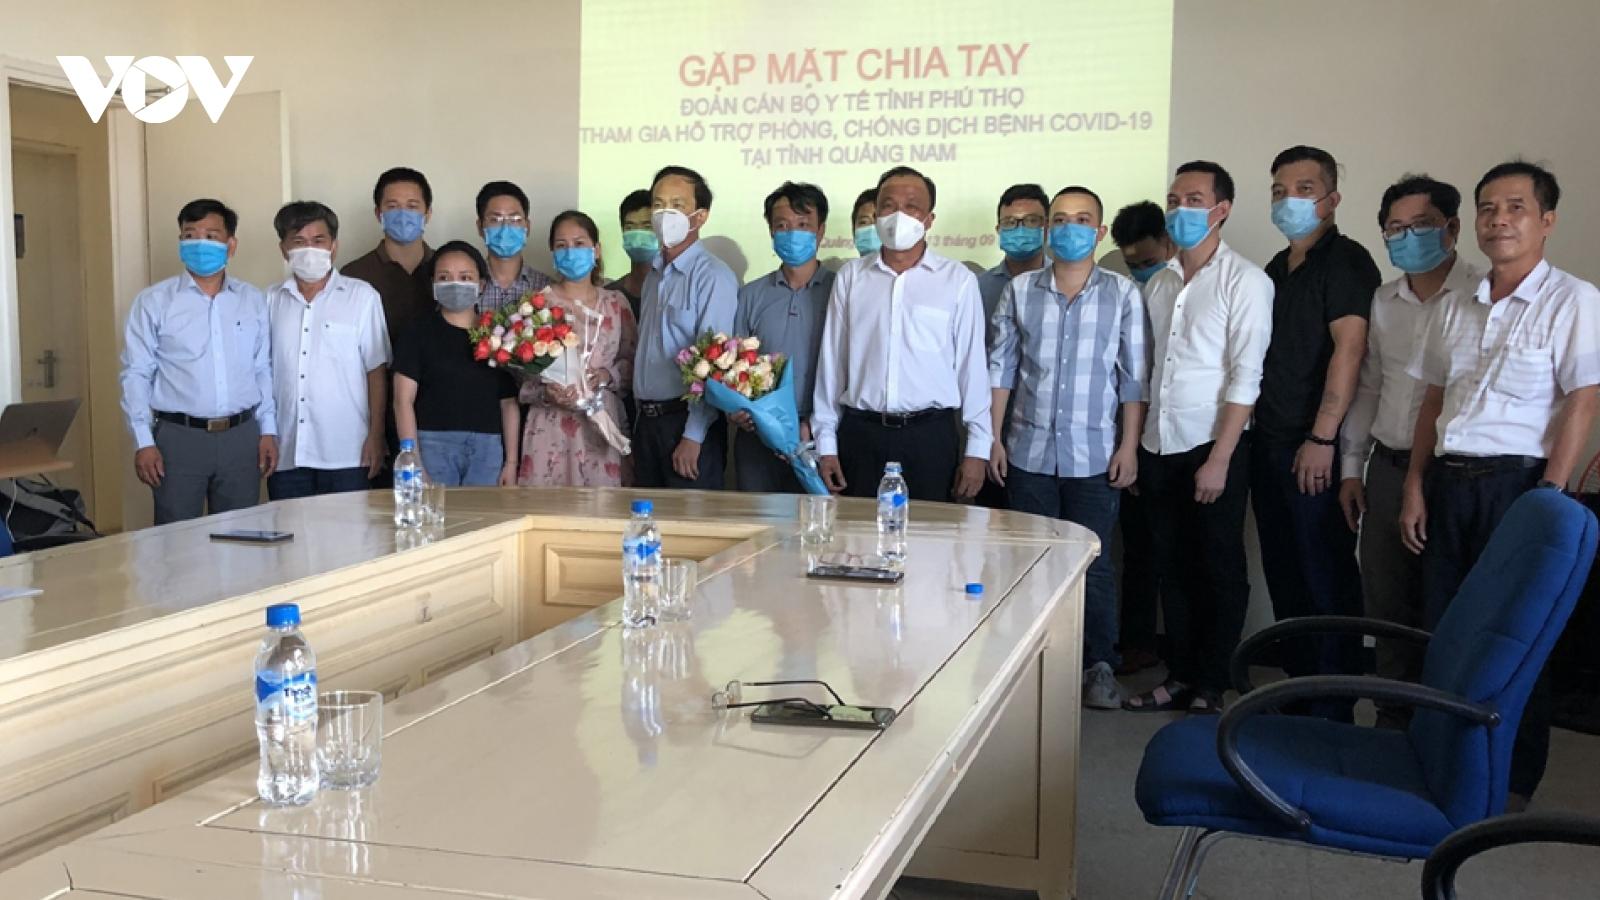 Đoàn y, bác sĩ Phú Thọ rời Quảng Nam sau hơn một tháng hỗ trợ chống Covid-19